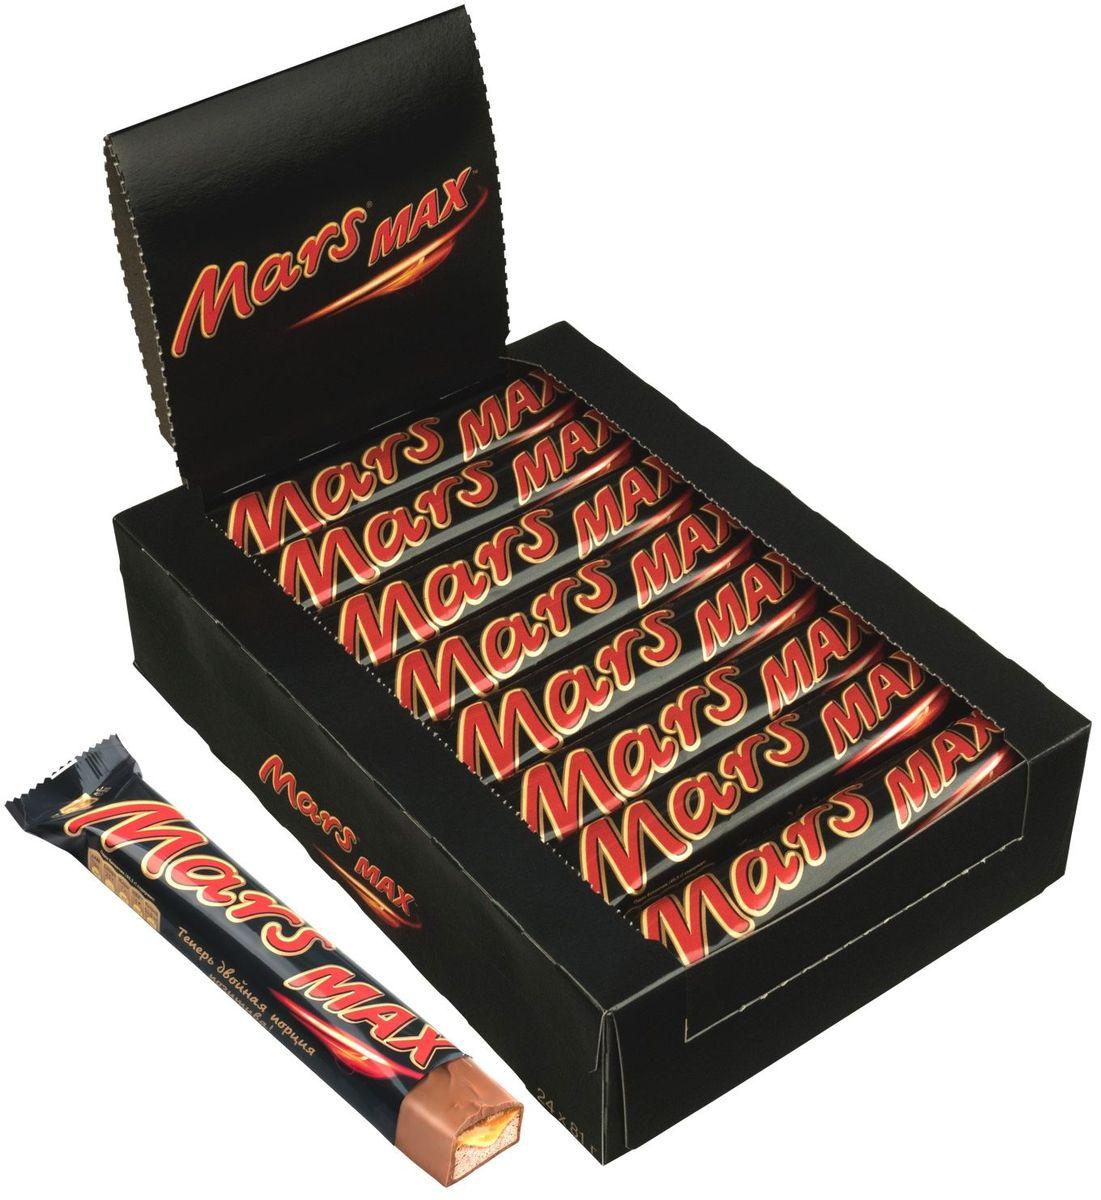 Mars Max шоколадный батончик, 24 шт по 81 г рубар протеиновый батончик с семенами чиа и спирулиной 30гр organic